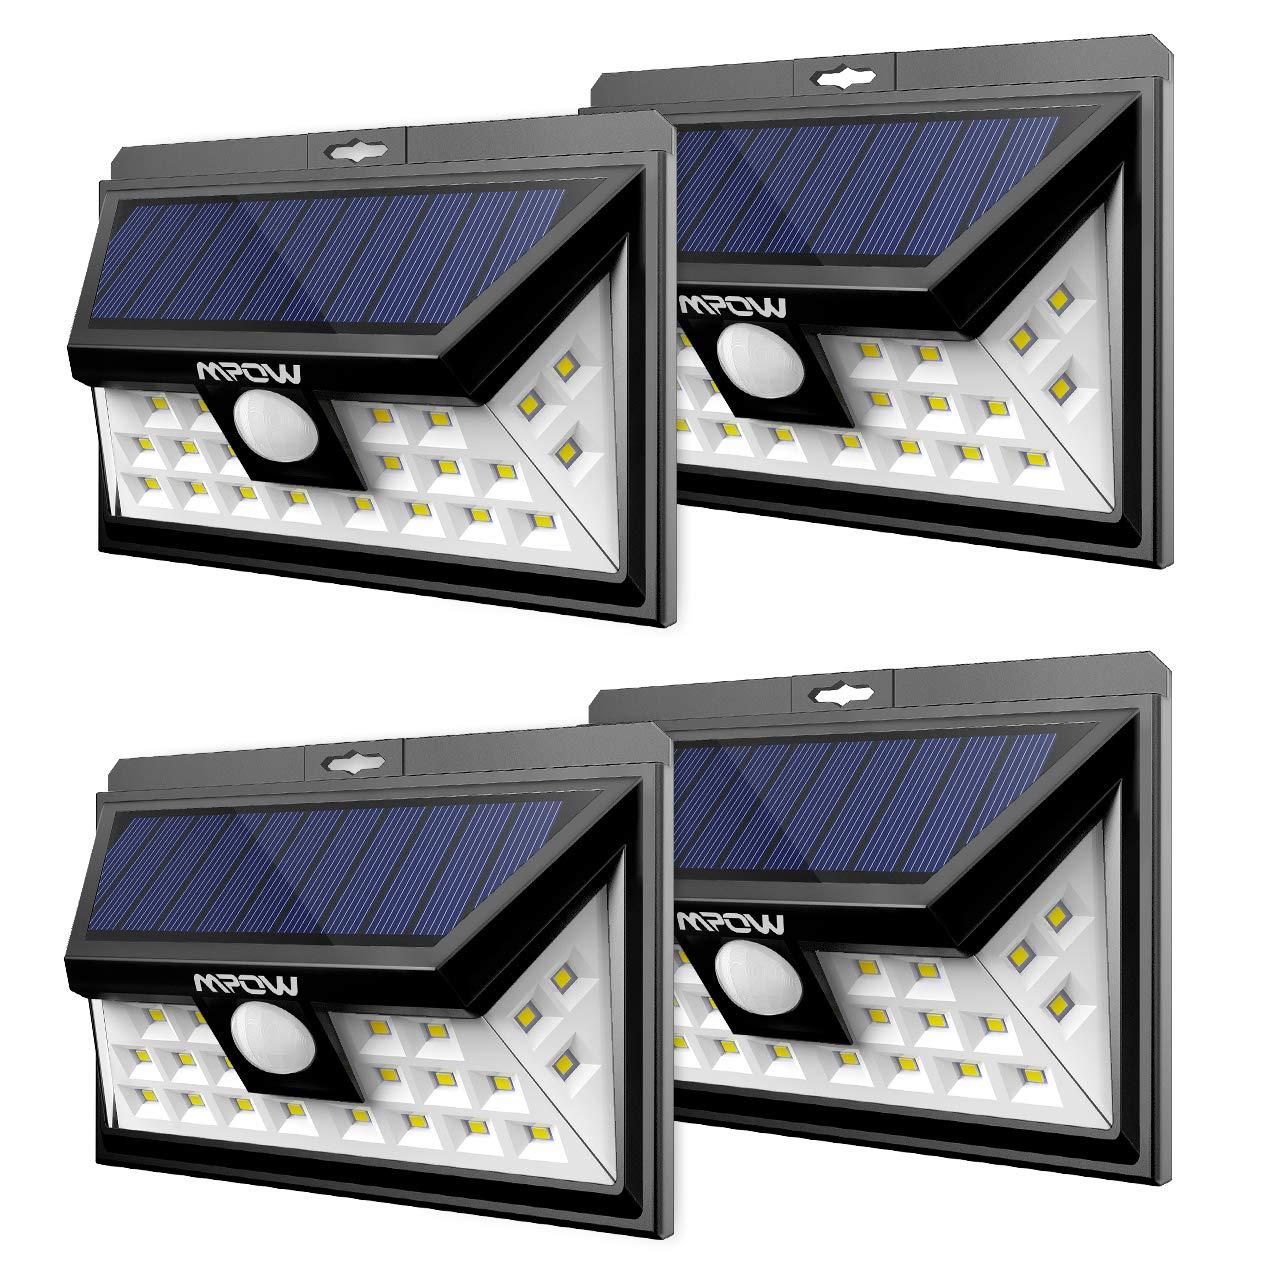 Mpow Solarleuchte 24 LED Solarlampe Weitwinkel Solar Wandleuchte Auß en Solar Betriebene Auß enleuchte, Wandleuchte, Energiesparend Wasserdicht 3 Modi Sicherheit Bewegungssensor fü r Garten, Patio